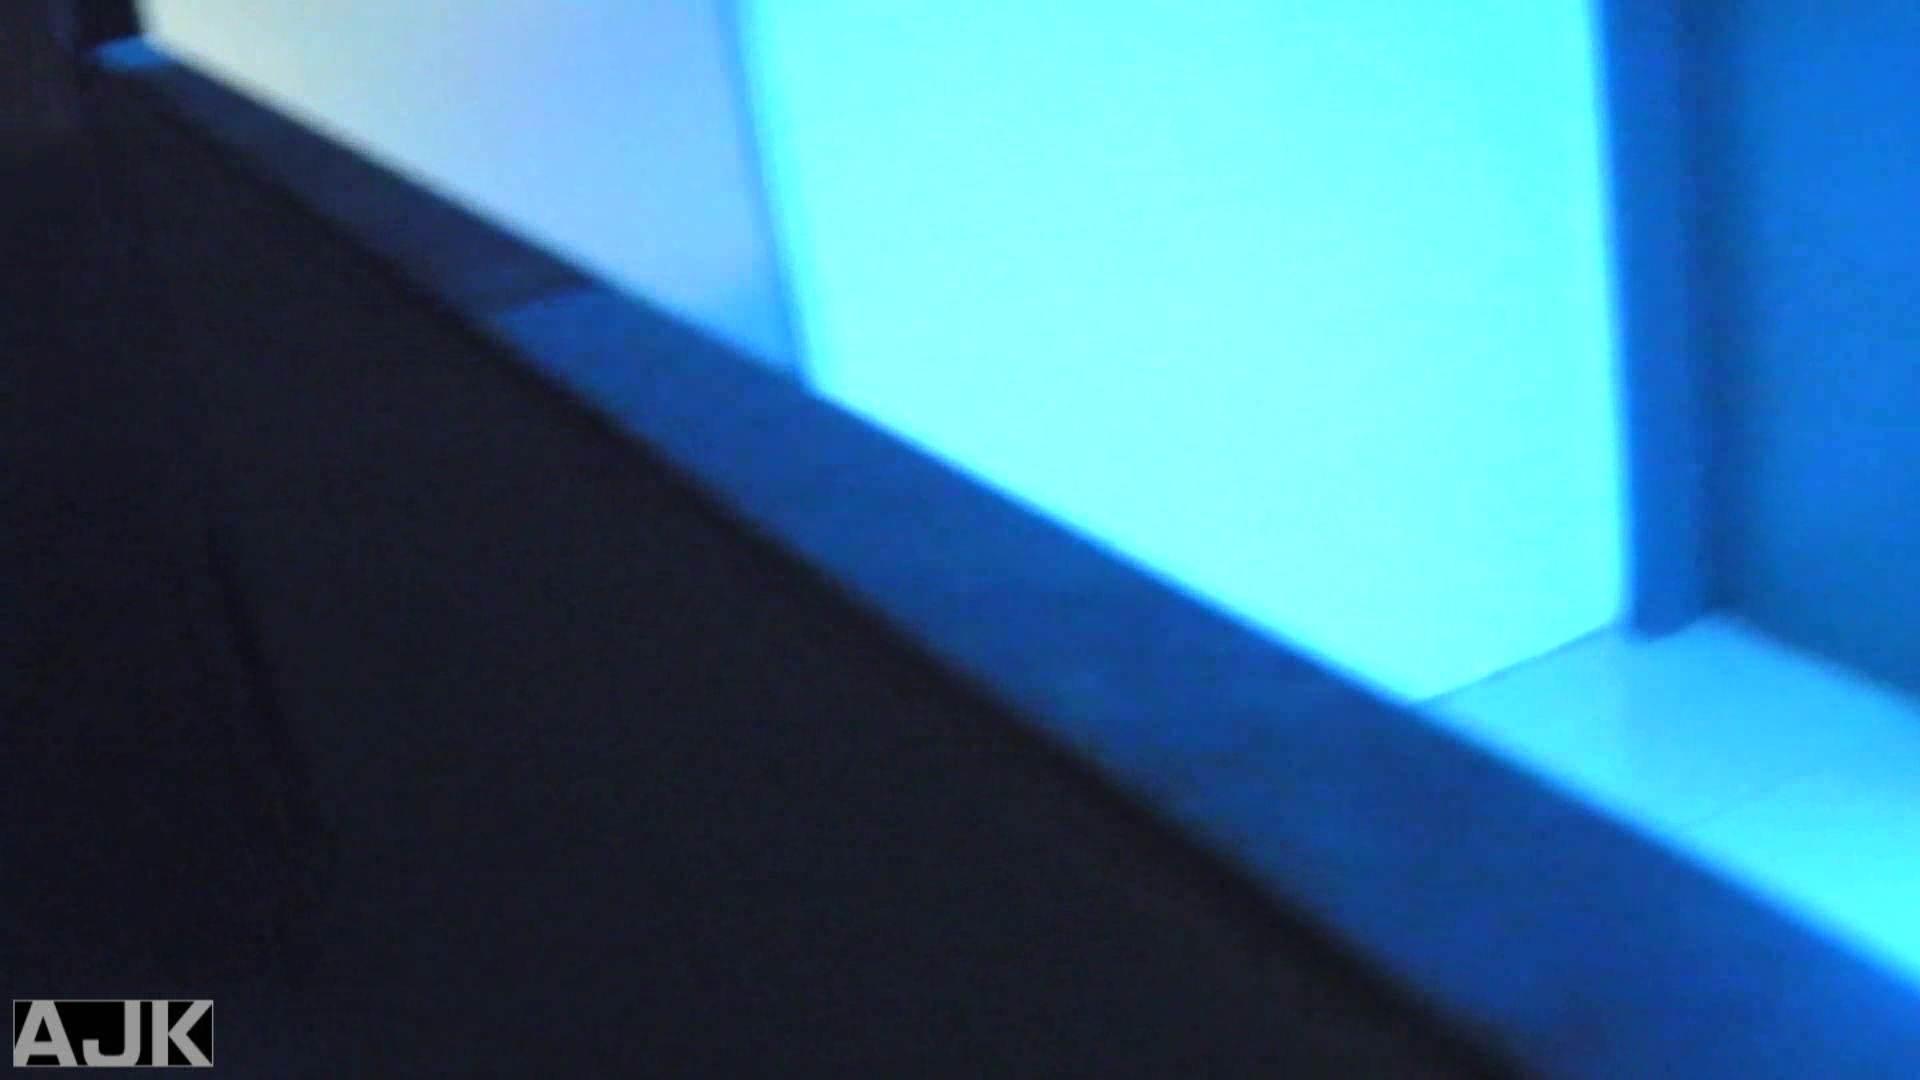 神降臨!史上最強の潜入かわや! vol.13 肛門 おめこ無修正動画無料 91連発 55